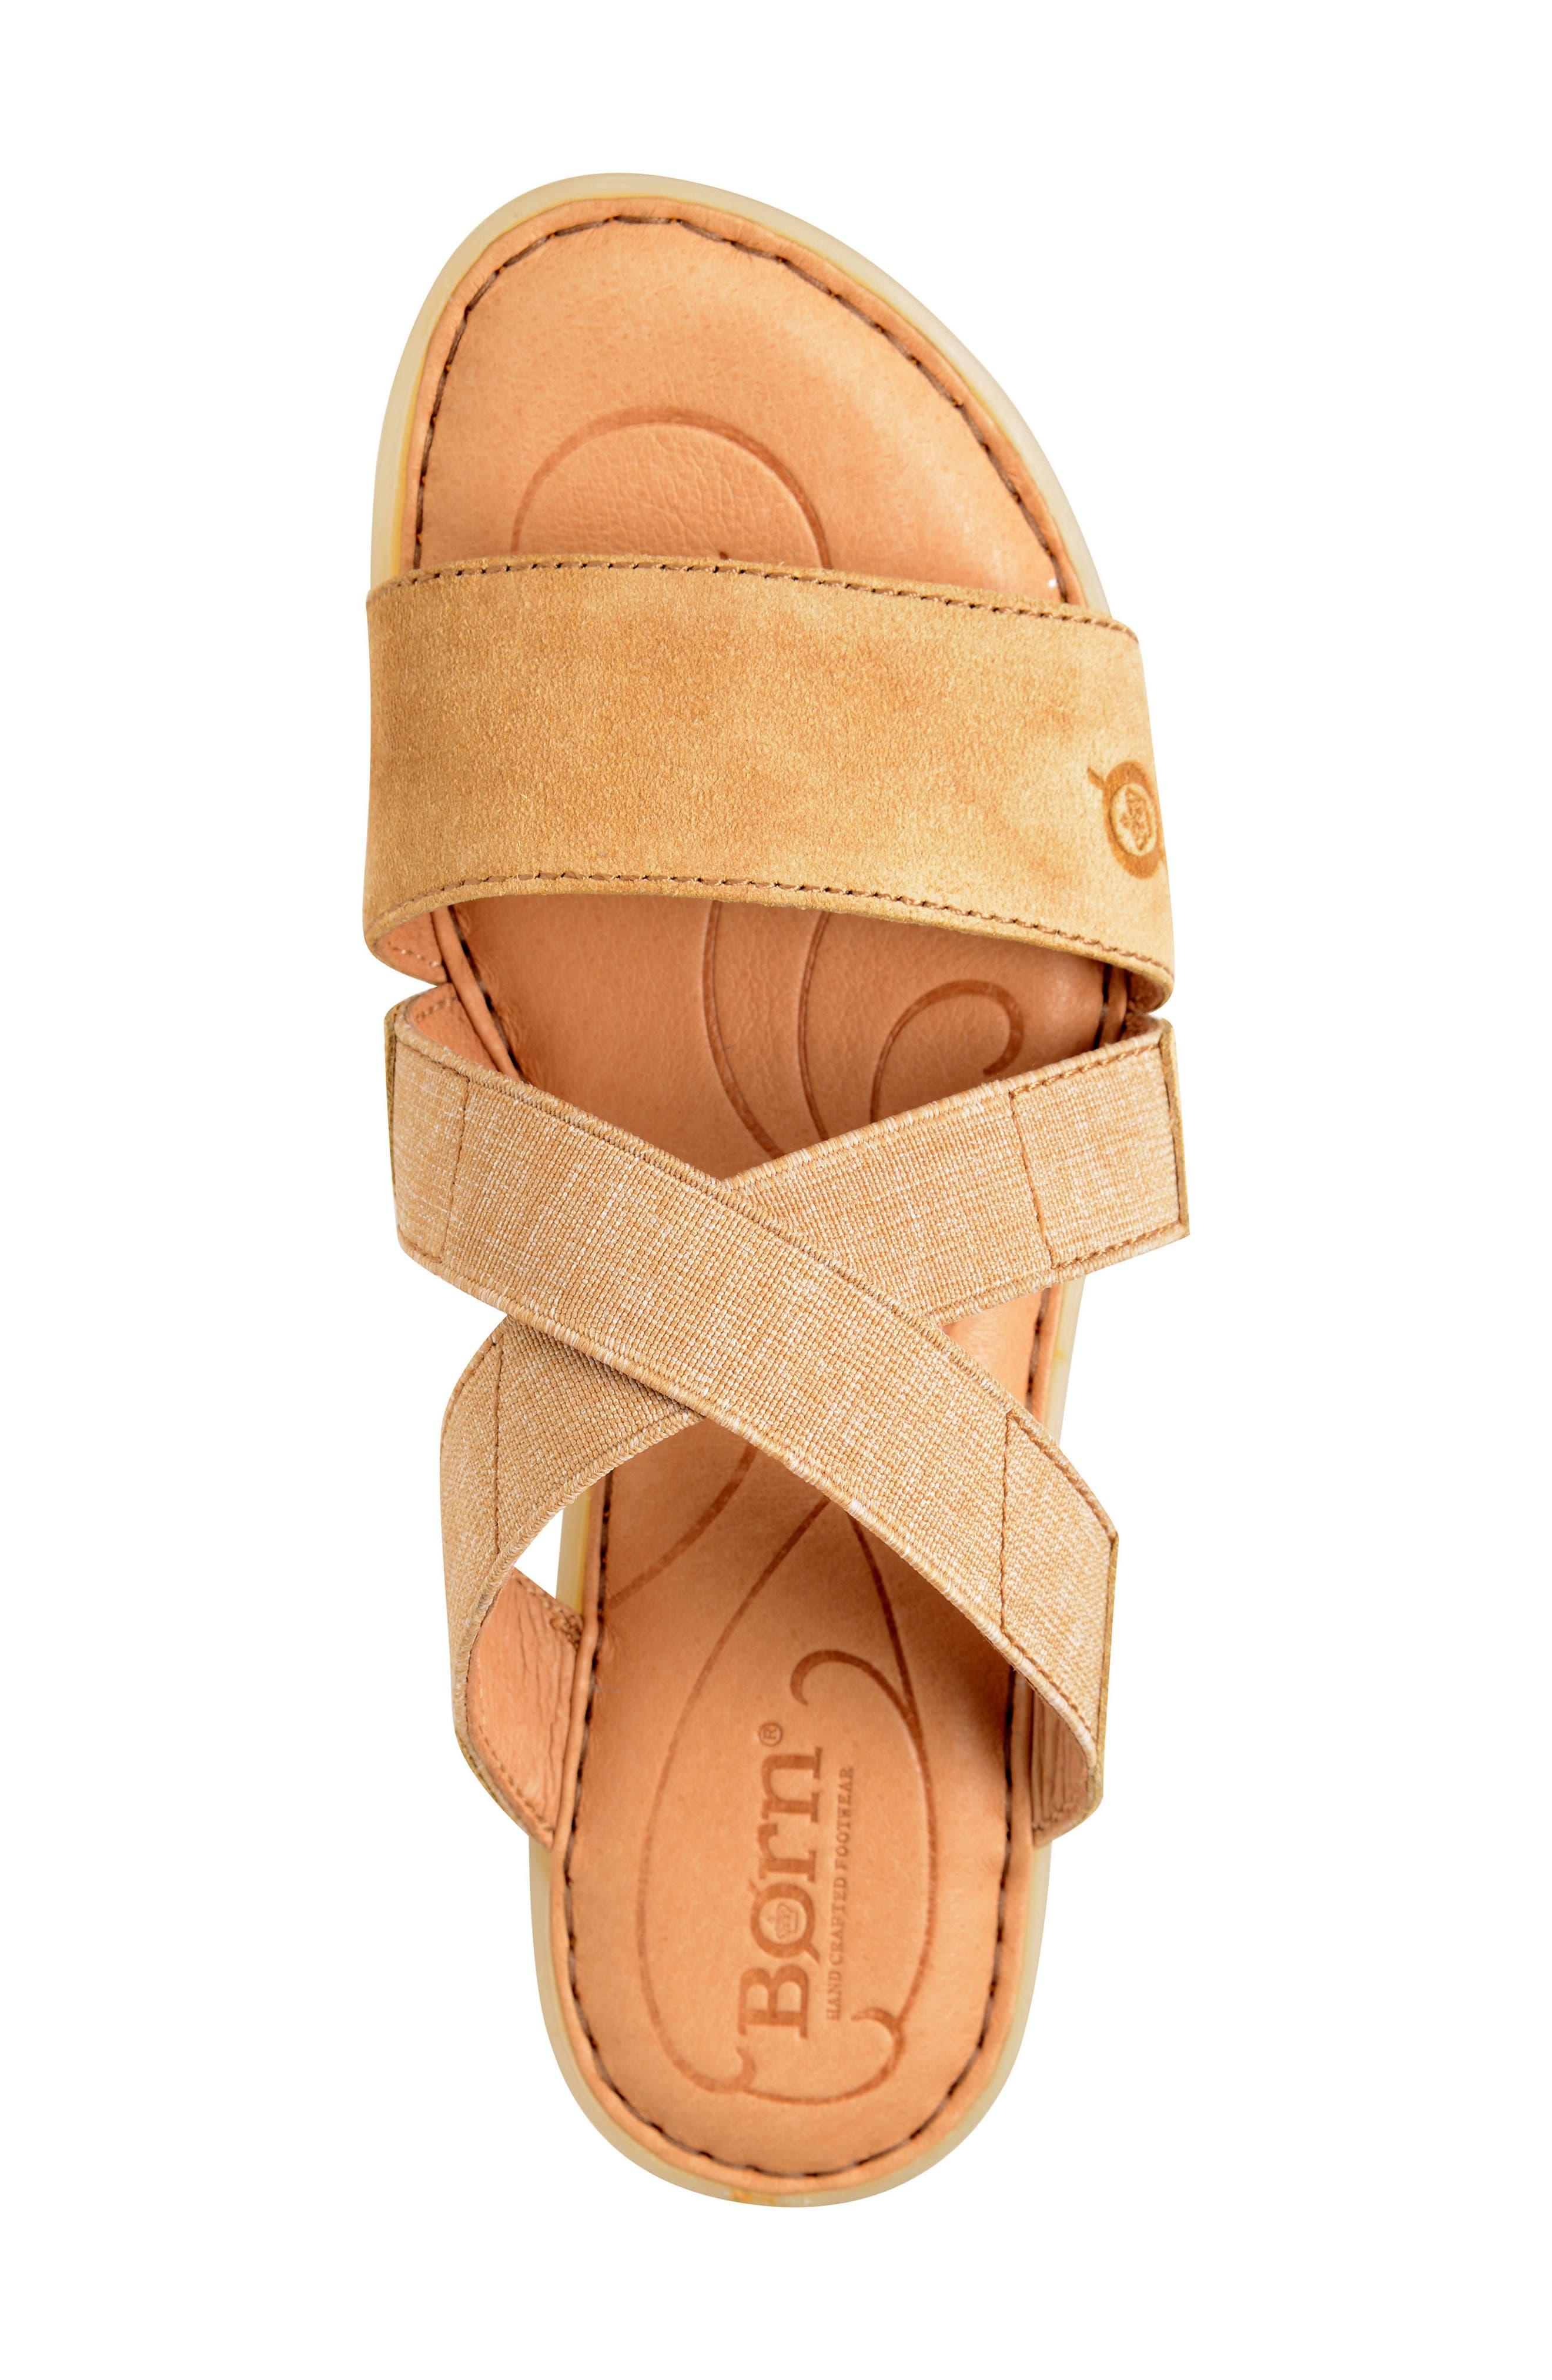 Tidore Slide Sandal,                             Alternate thumbnail 11, color,